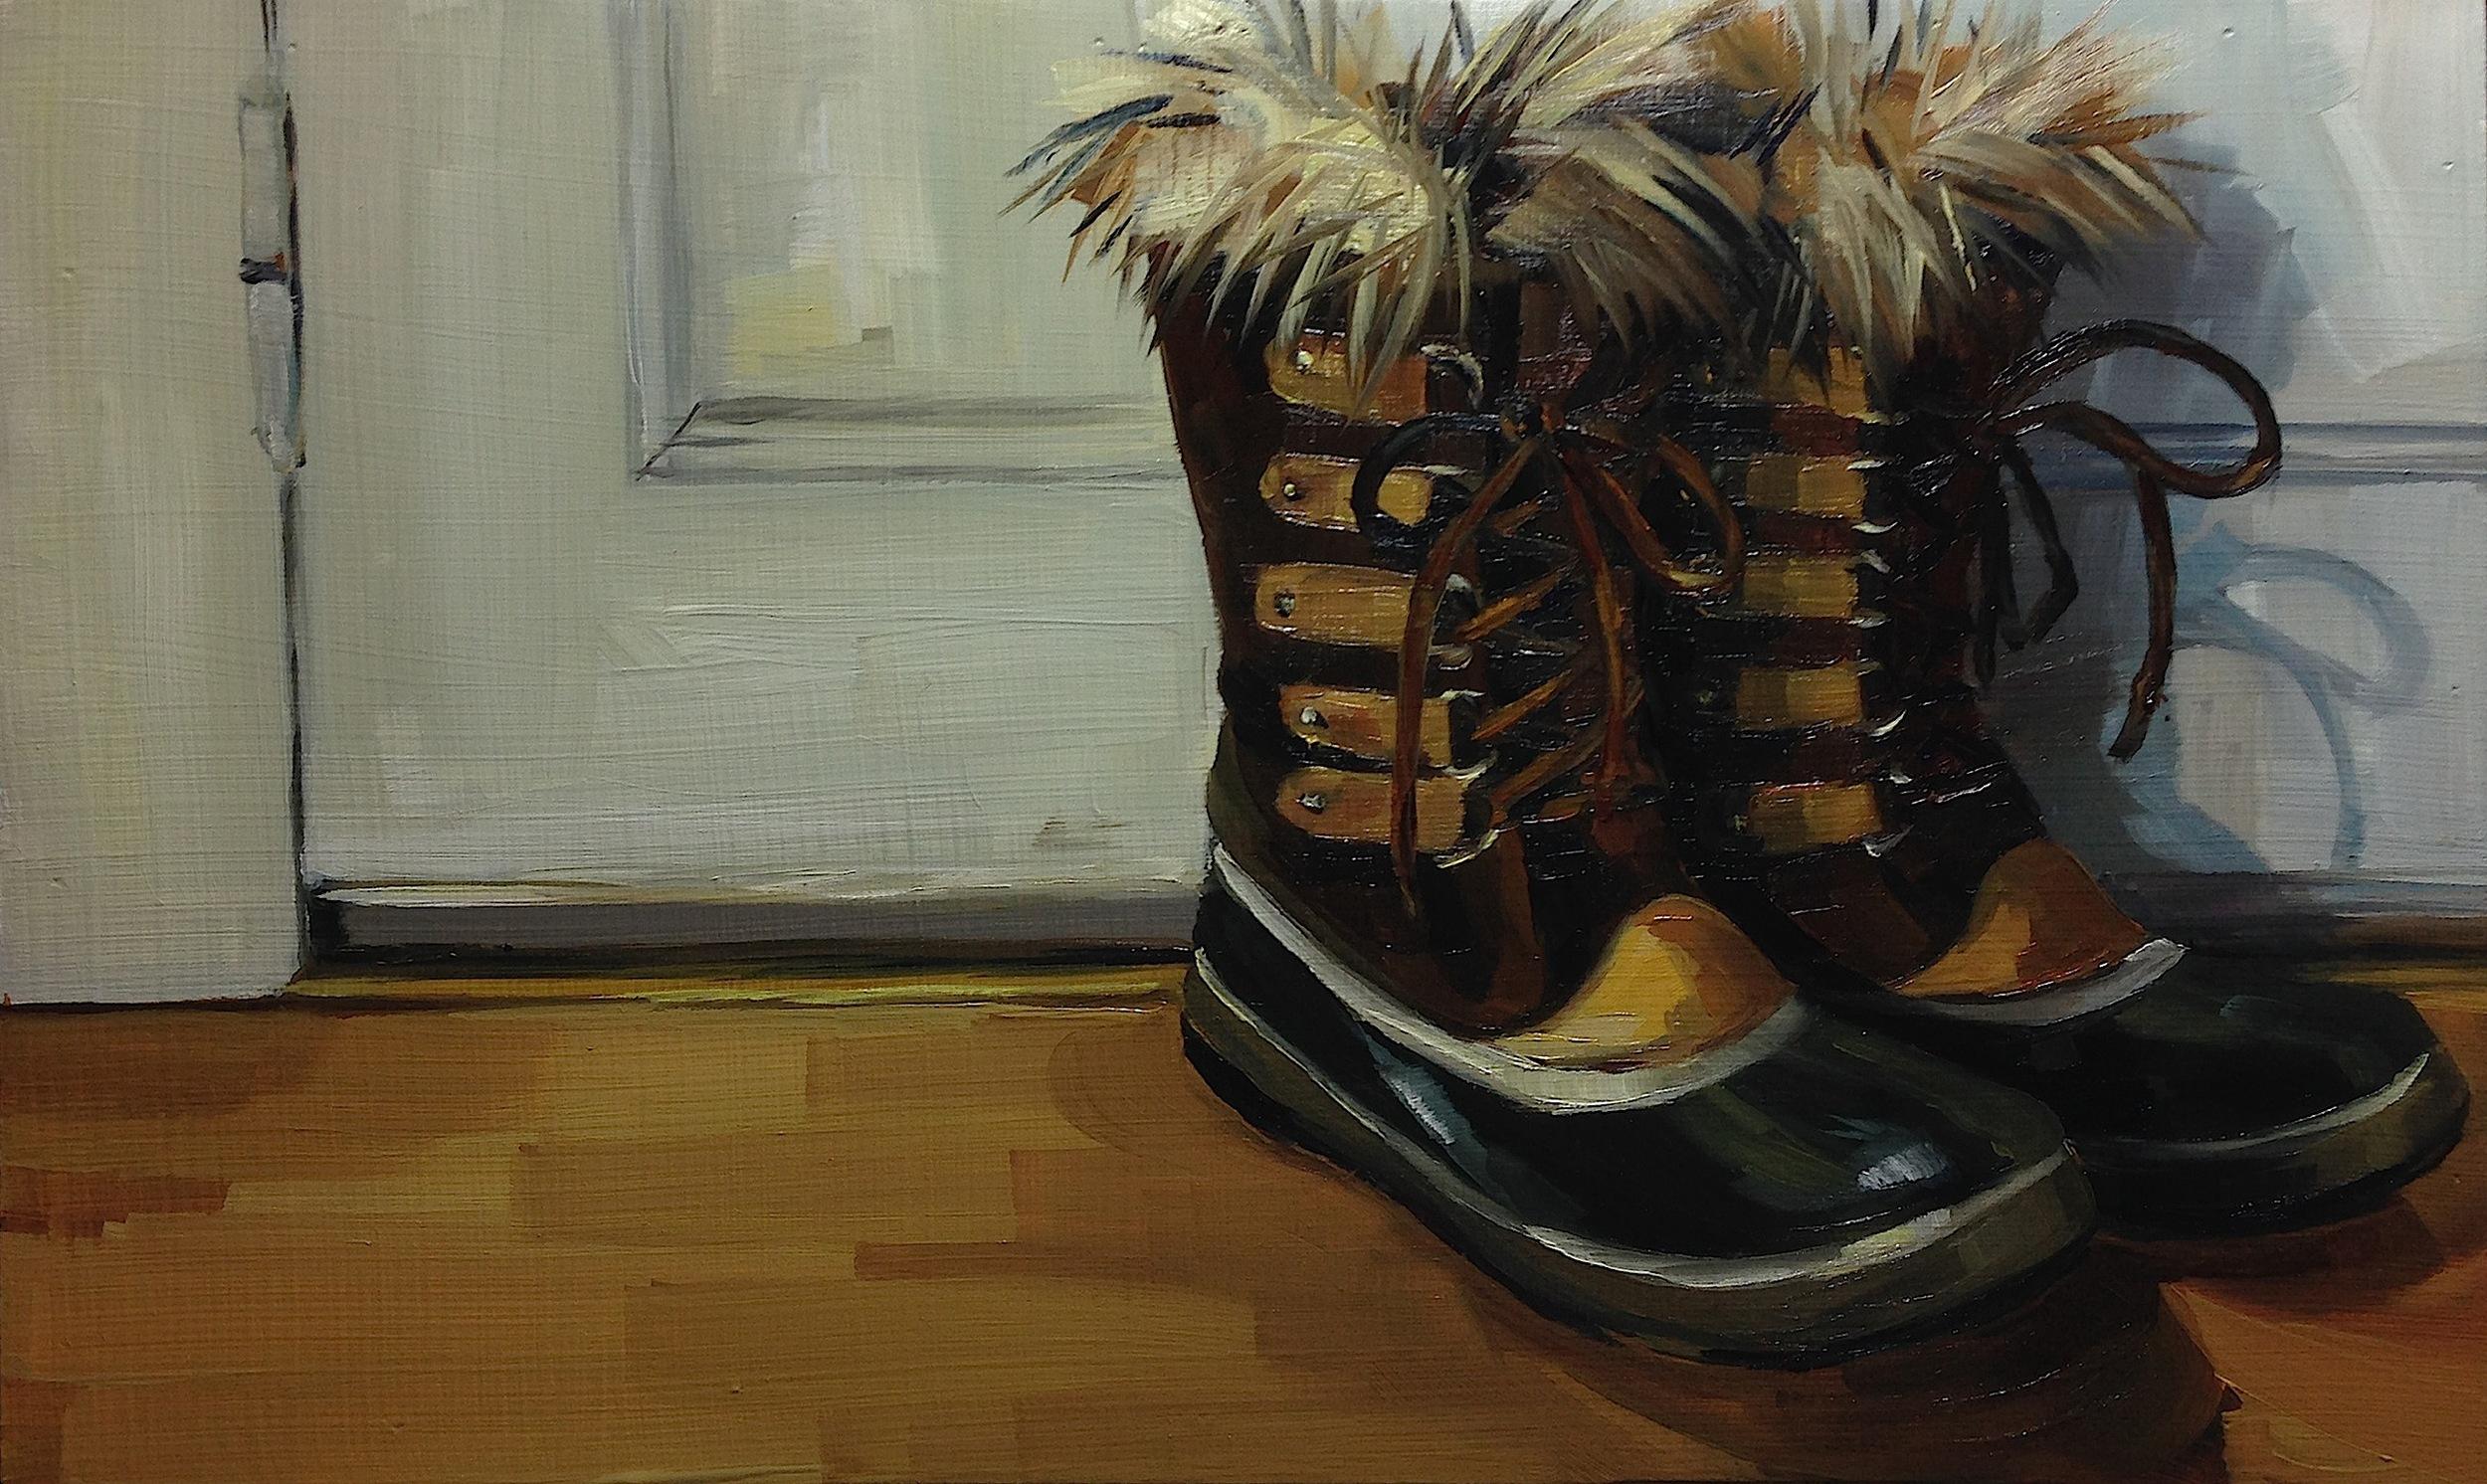 Dreaming of flip flops